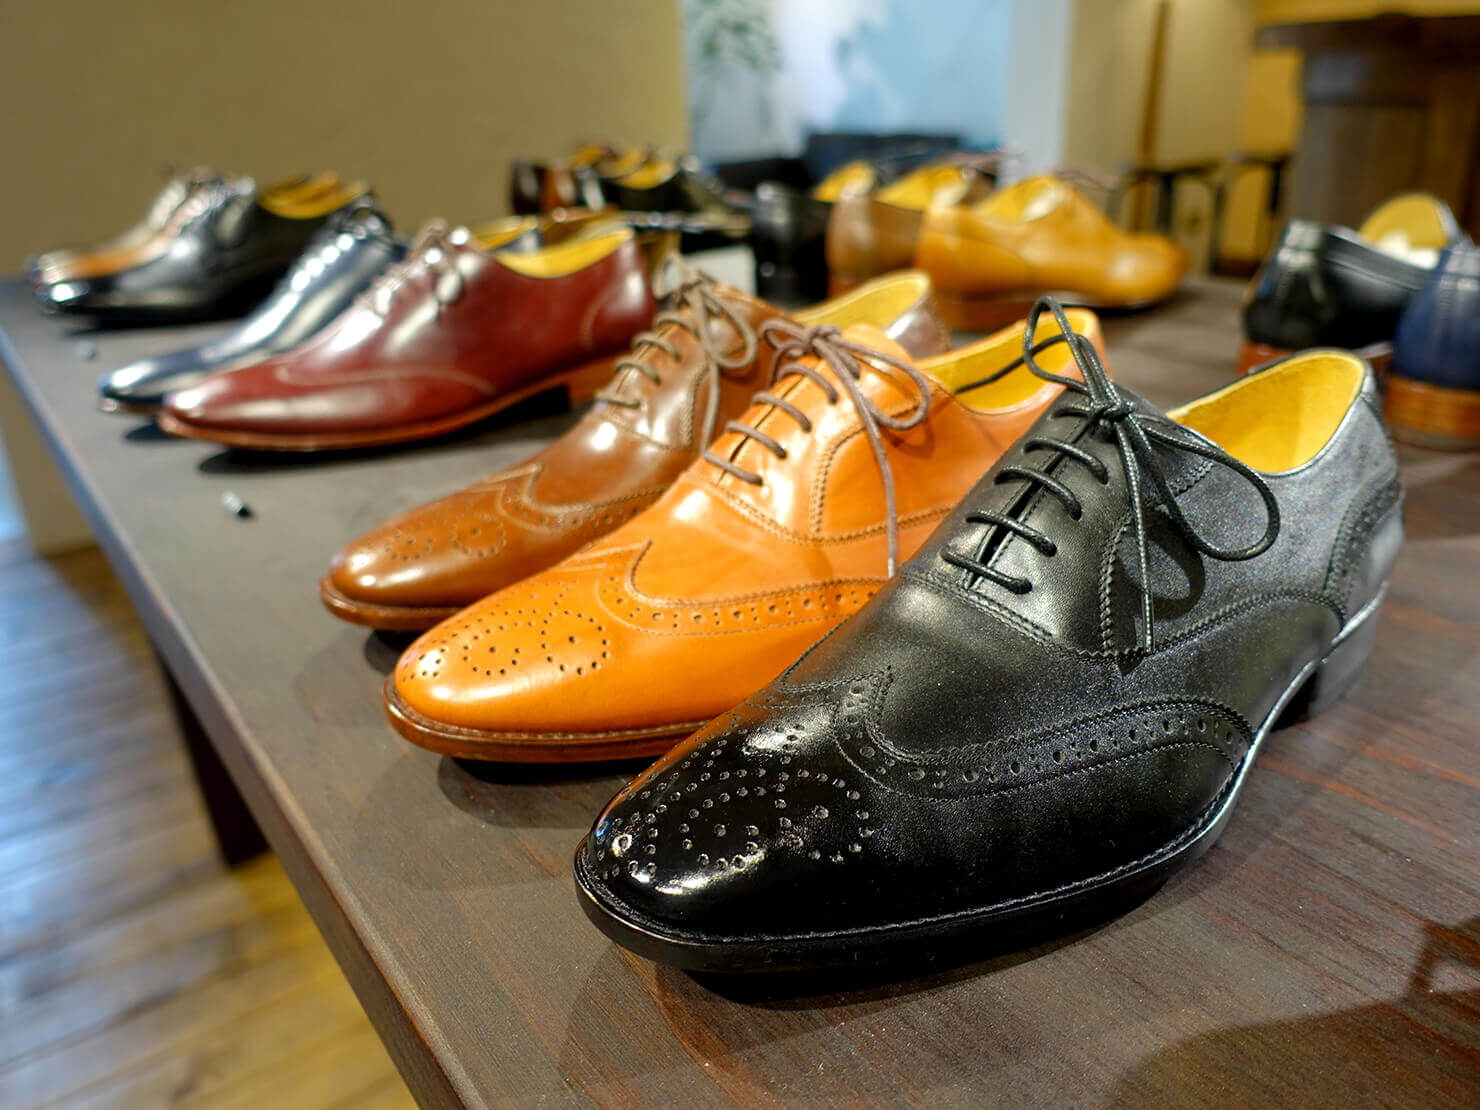 台湾のおすすめ革靴ブランド「林果良品 ORINGO」台北東門店に並ぶメンズの牛津鞋(オックスフォード・シューズ)